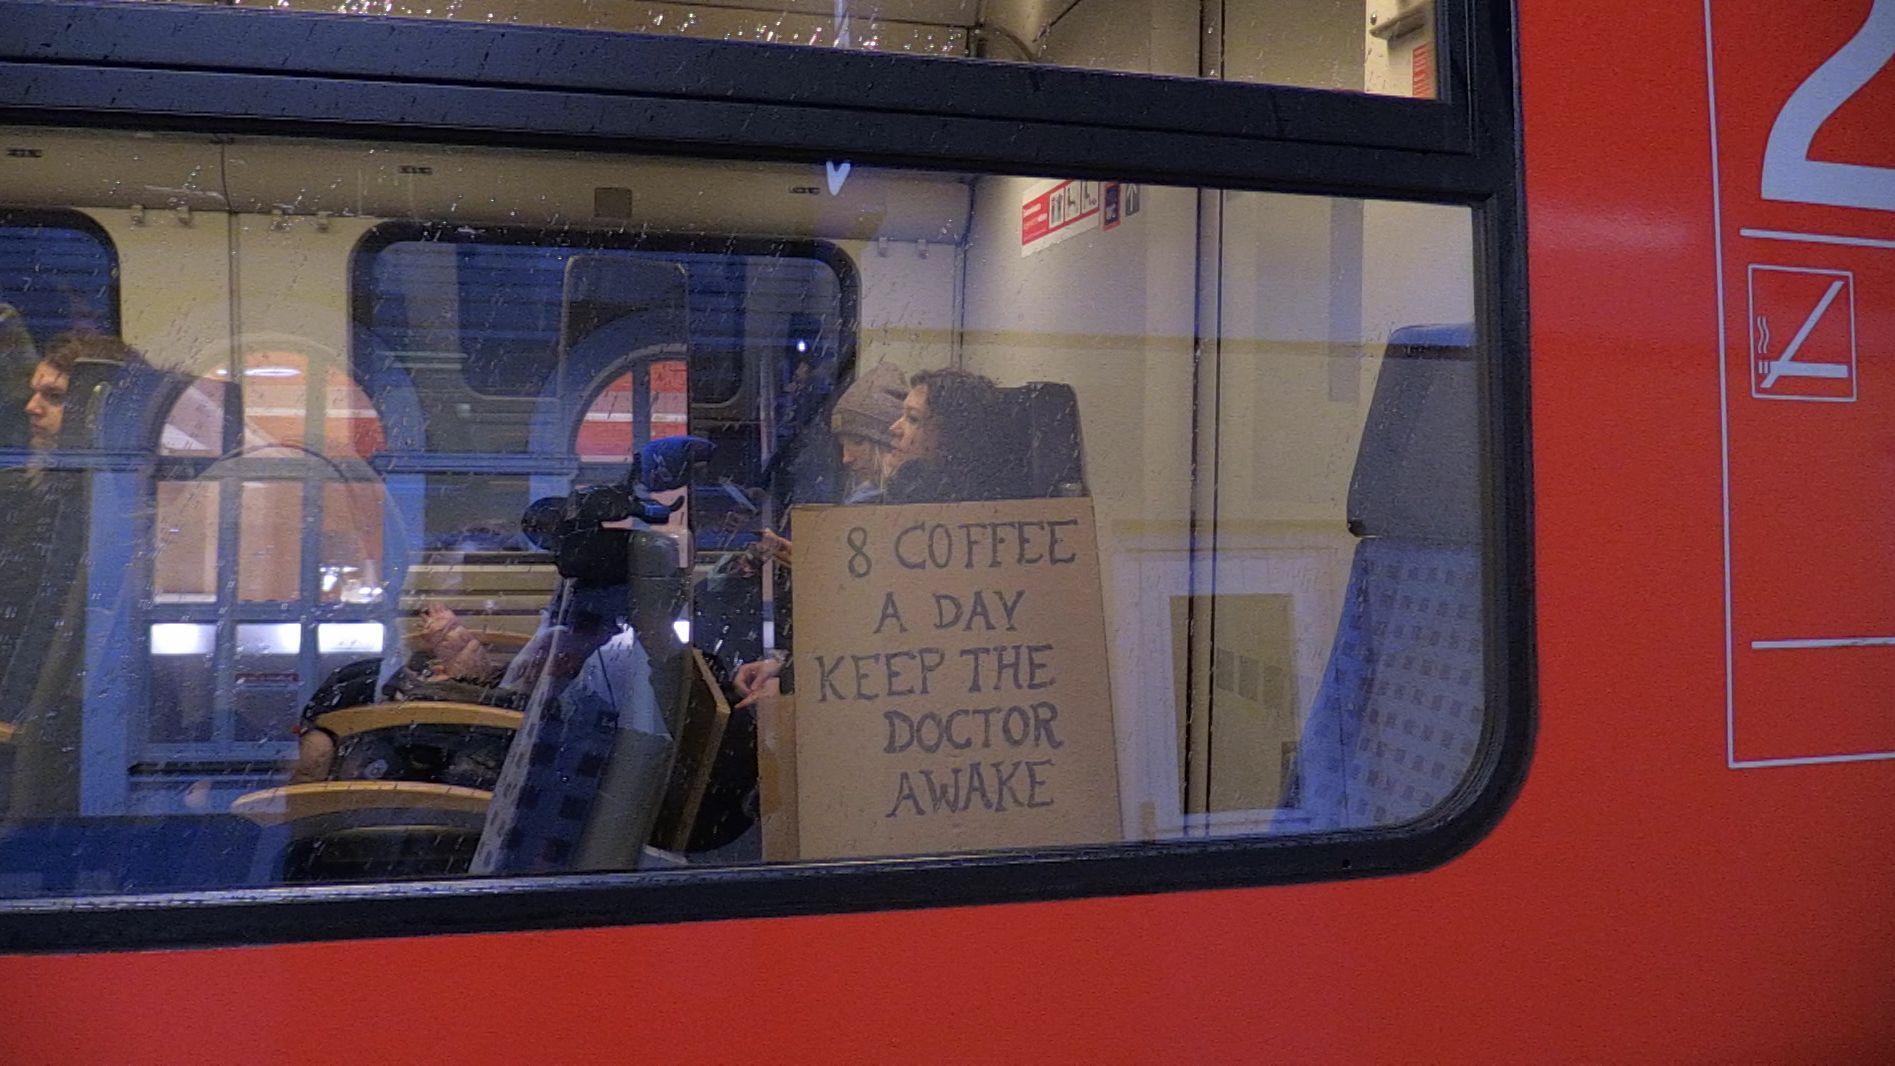 Ärzte des Uniklinikums Regensburg sind am Dienstagmorgen mit dem Zug zur zentralen Kundgebung nach Hannover gefahren